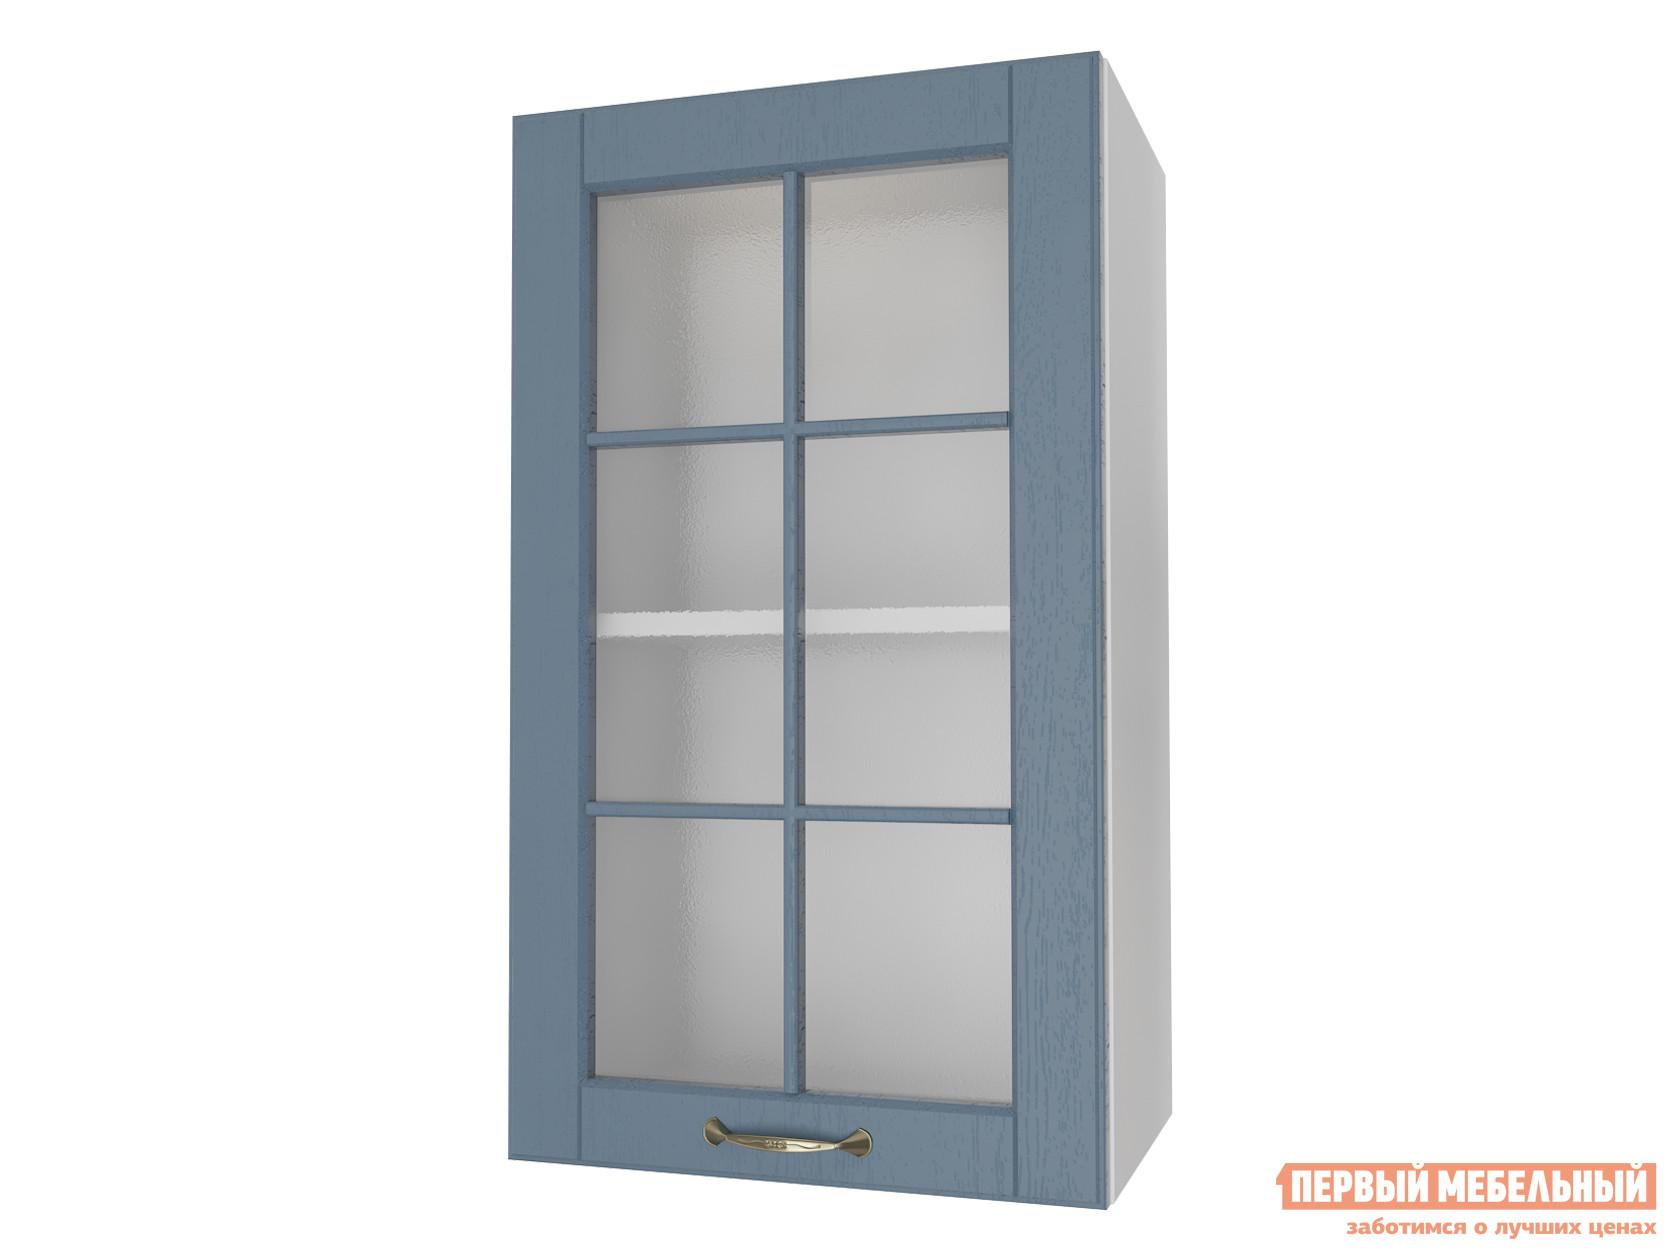 Кухонный модуль Первый Мебельный Шкаф 1 дверь со стеклом 40 см Палермо